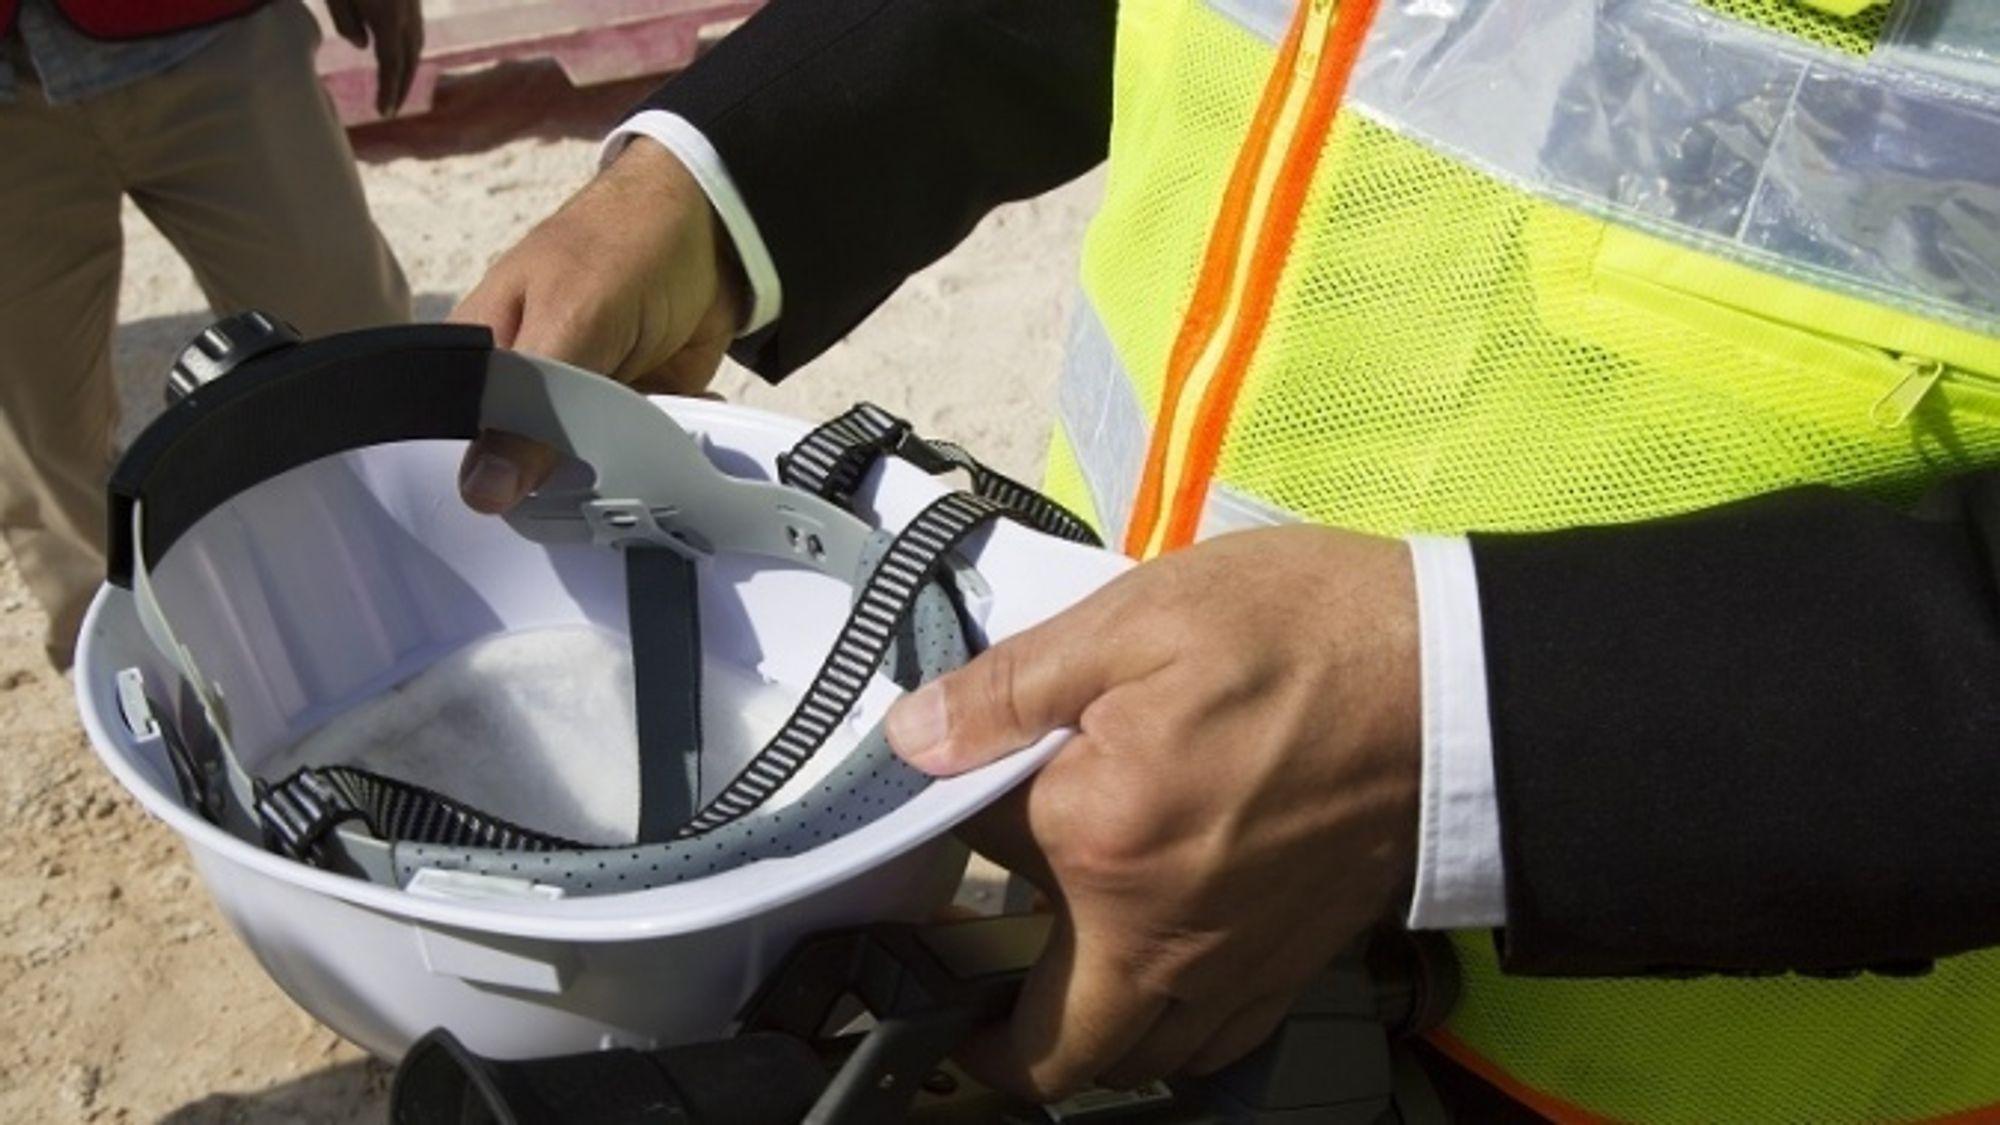 Denne hjelmen skal kjøle ned varme byggearbeidere frem mot fotball-VM i Qatar i 2022.